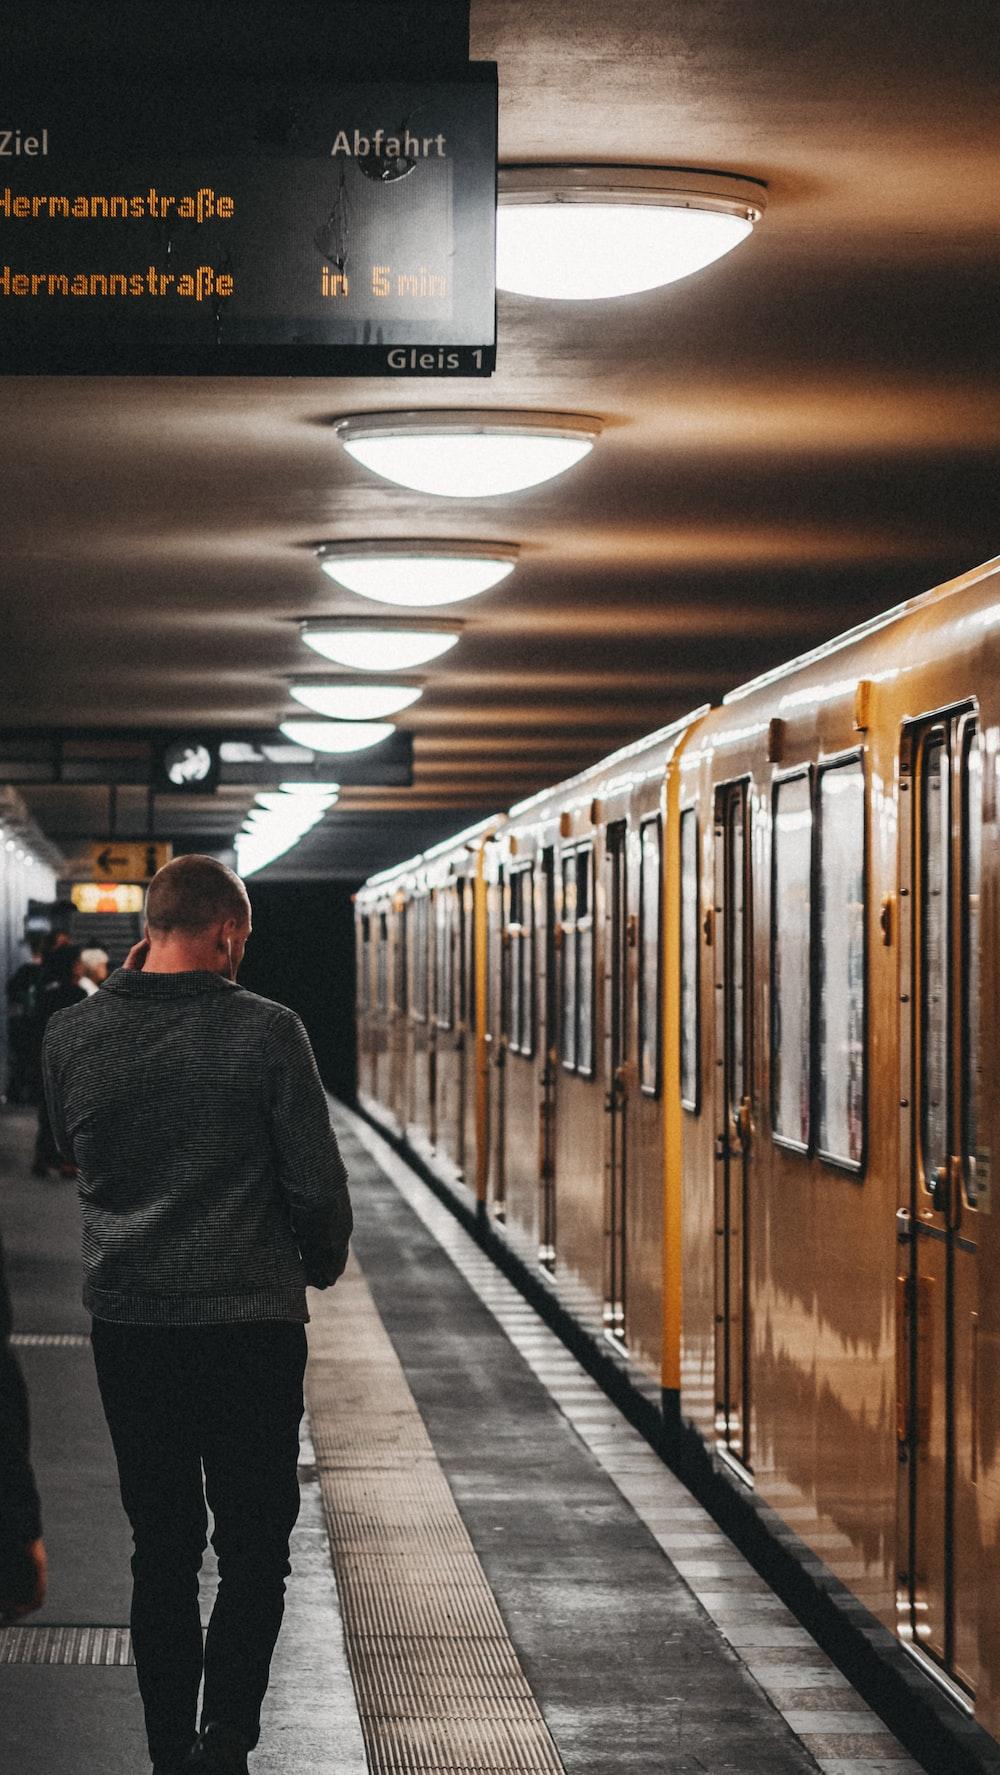 man walking near subway train